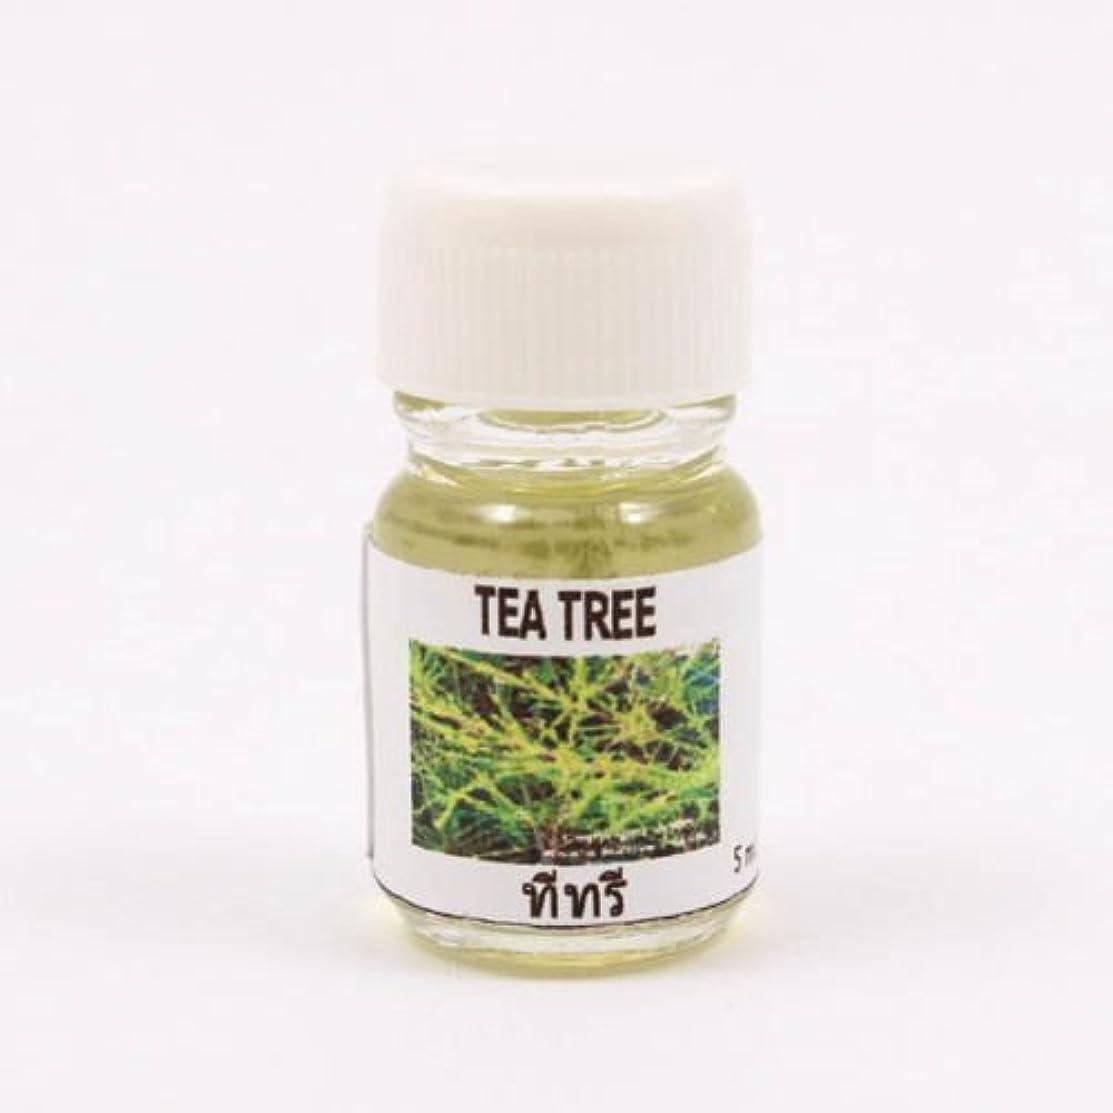 散歩に行く金曜日専門化する6X Tea Tree Aroma Fragrance Essential Oil 5ML (cc) Diffuser Burner Therapy